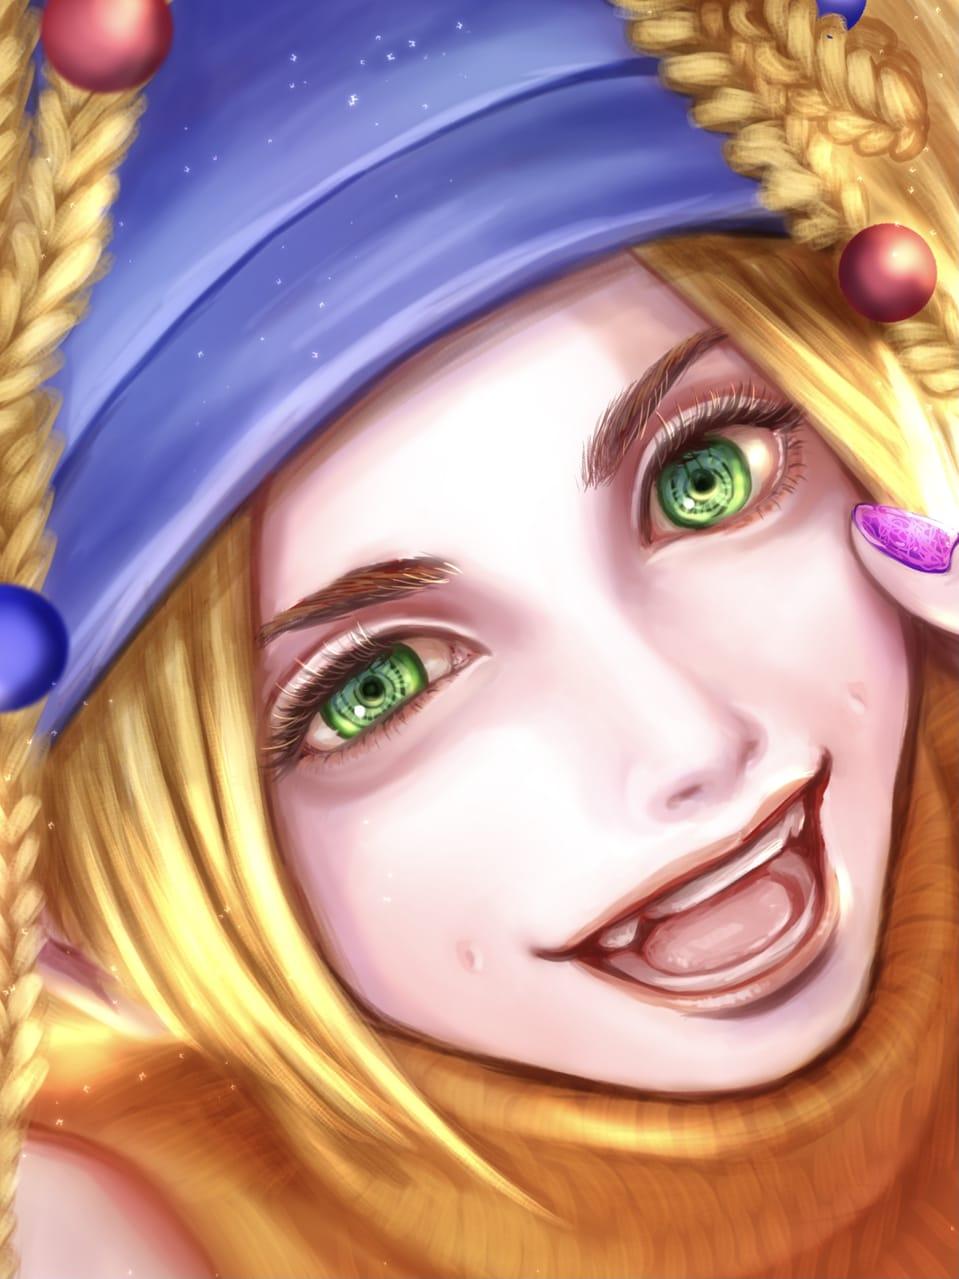 アルベド人は目がぐるぐる Illust of FJ game girl FFX realistic medibangpaint impasto Rikku FF10 kawaii